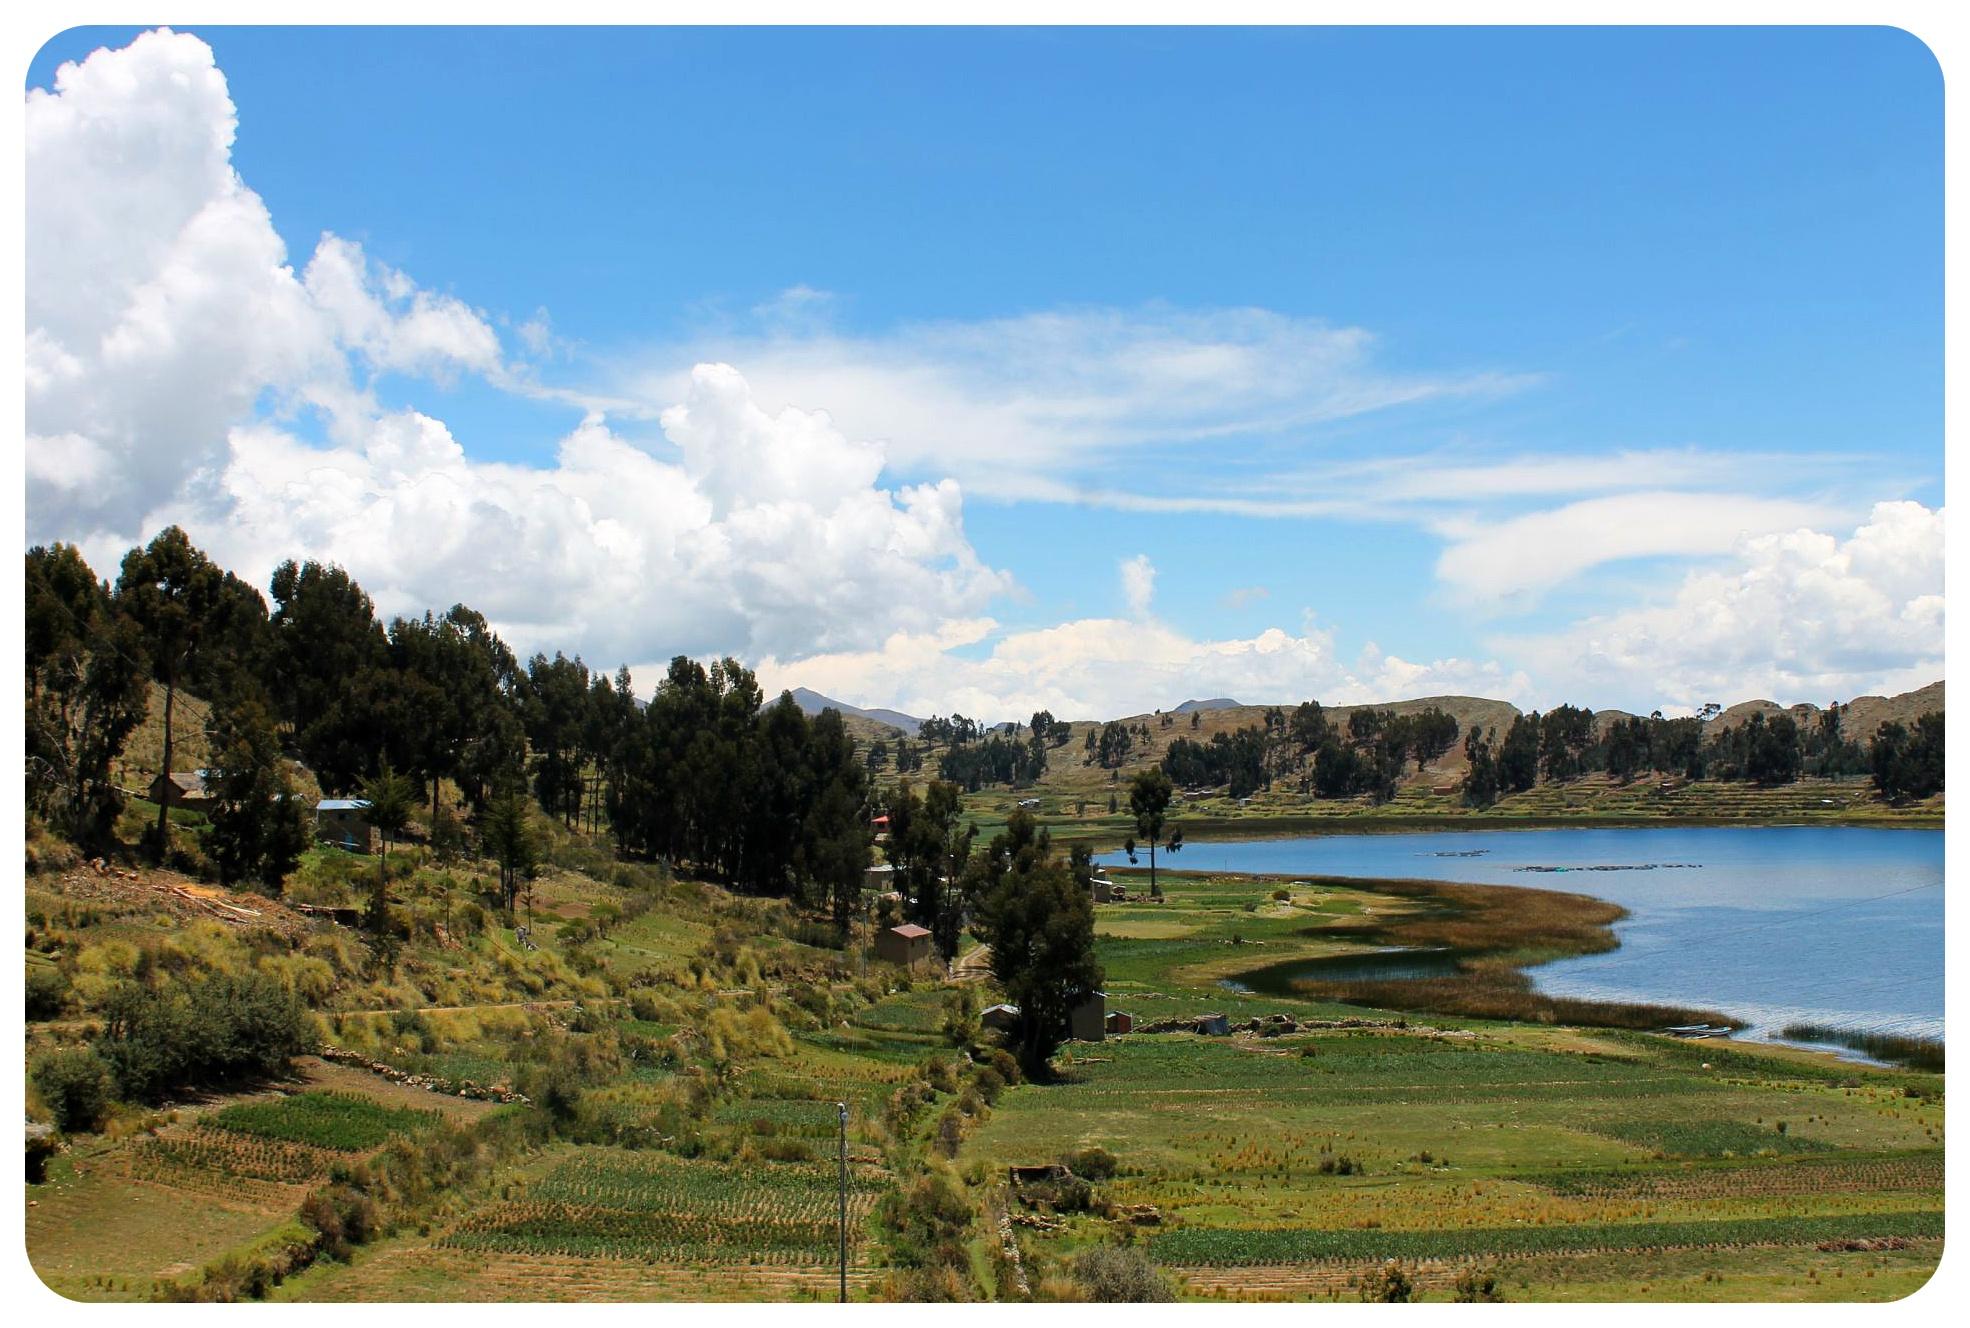 lake titicaca views